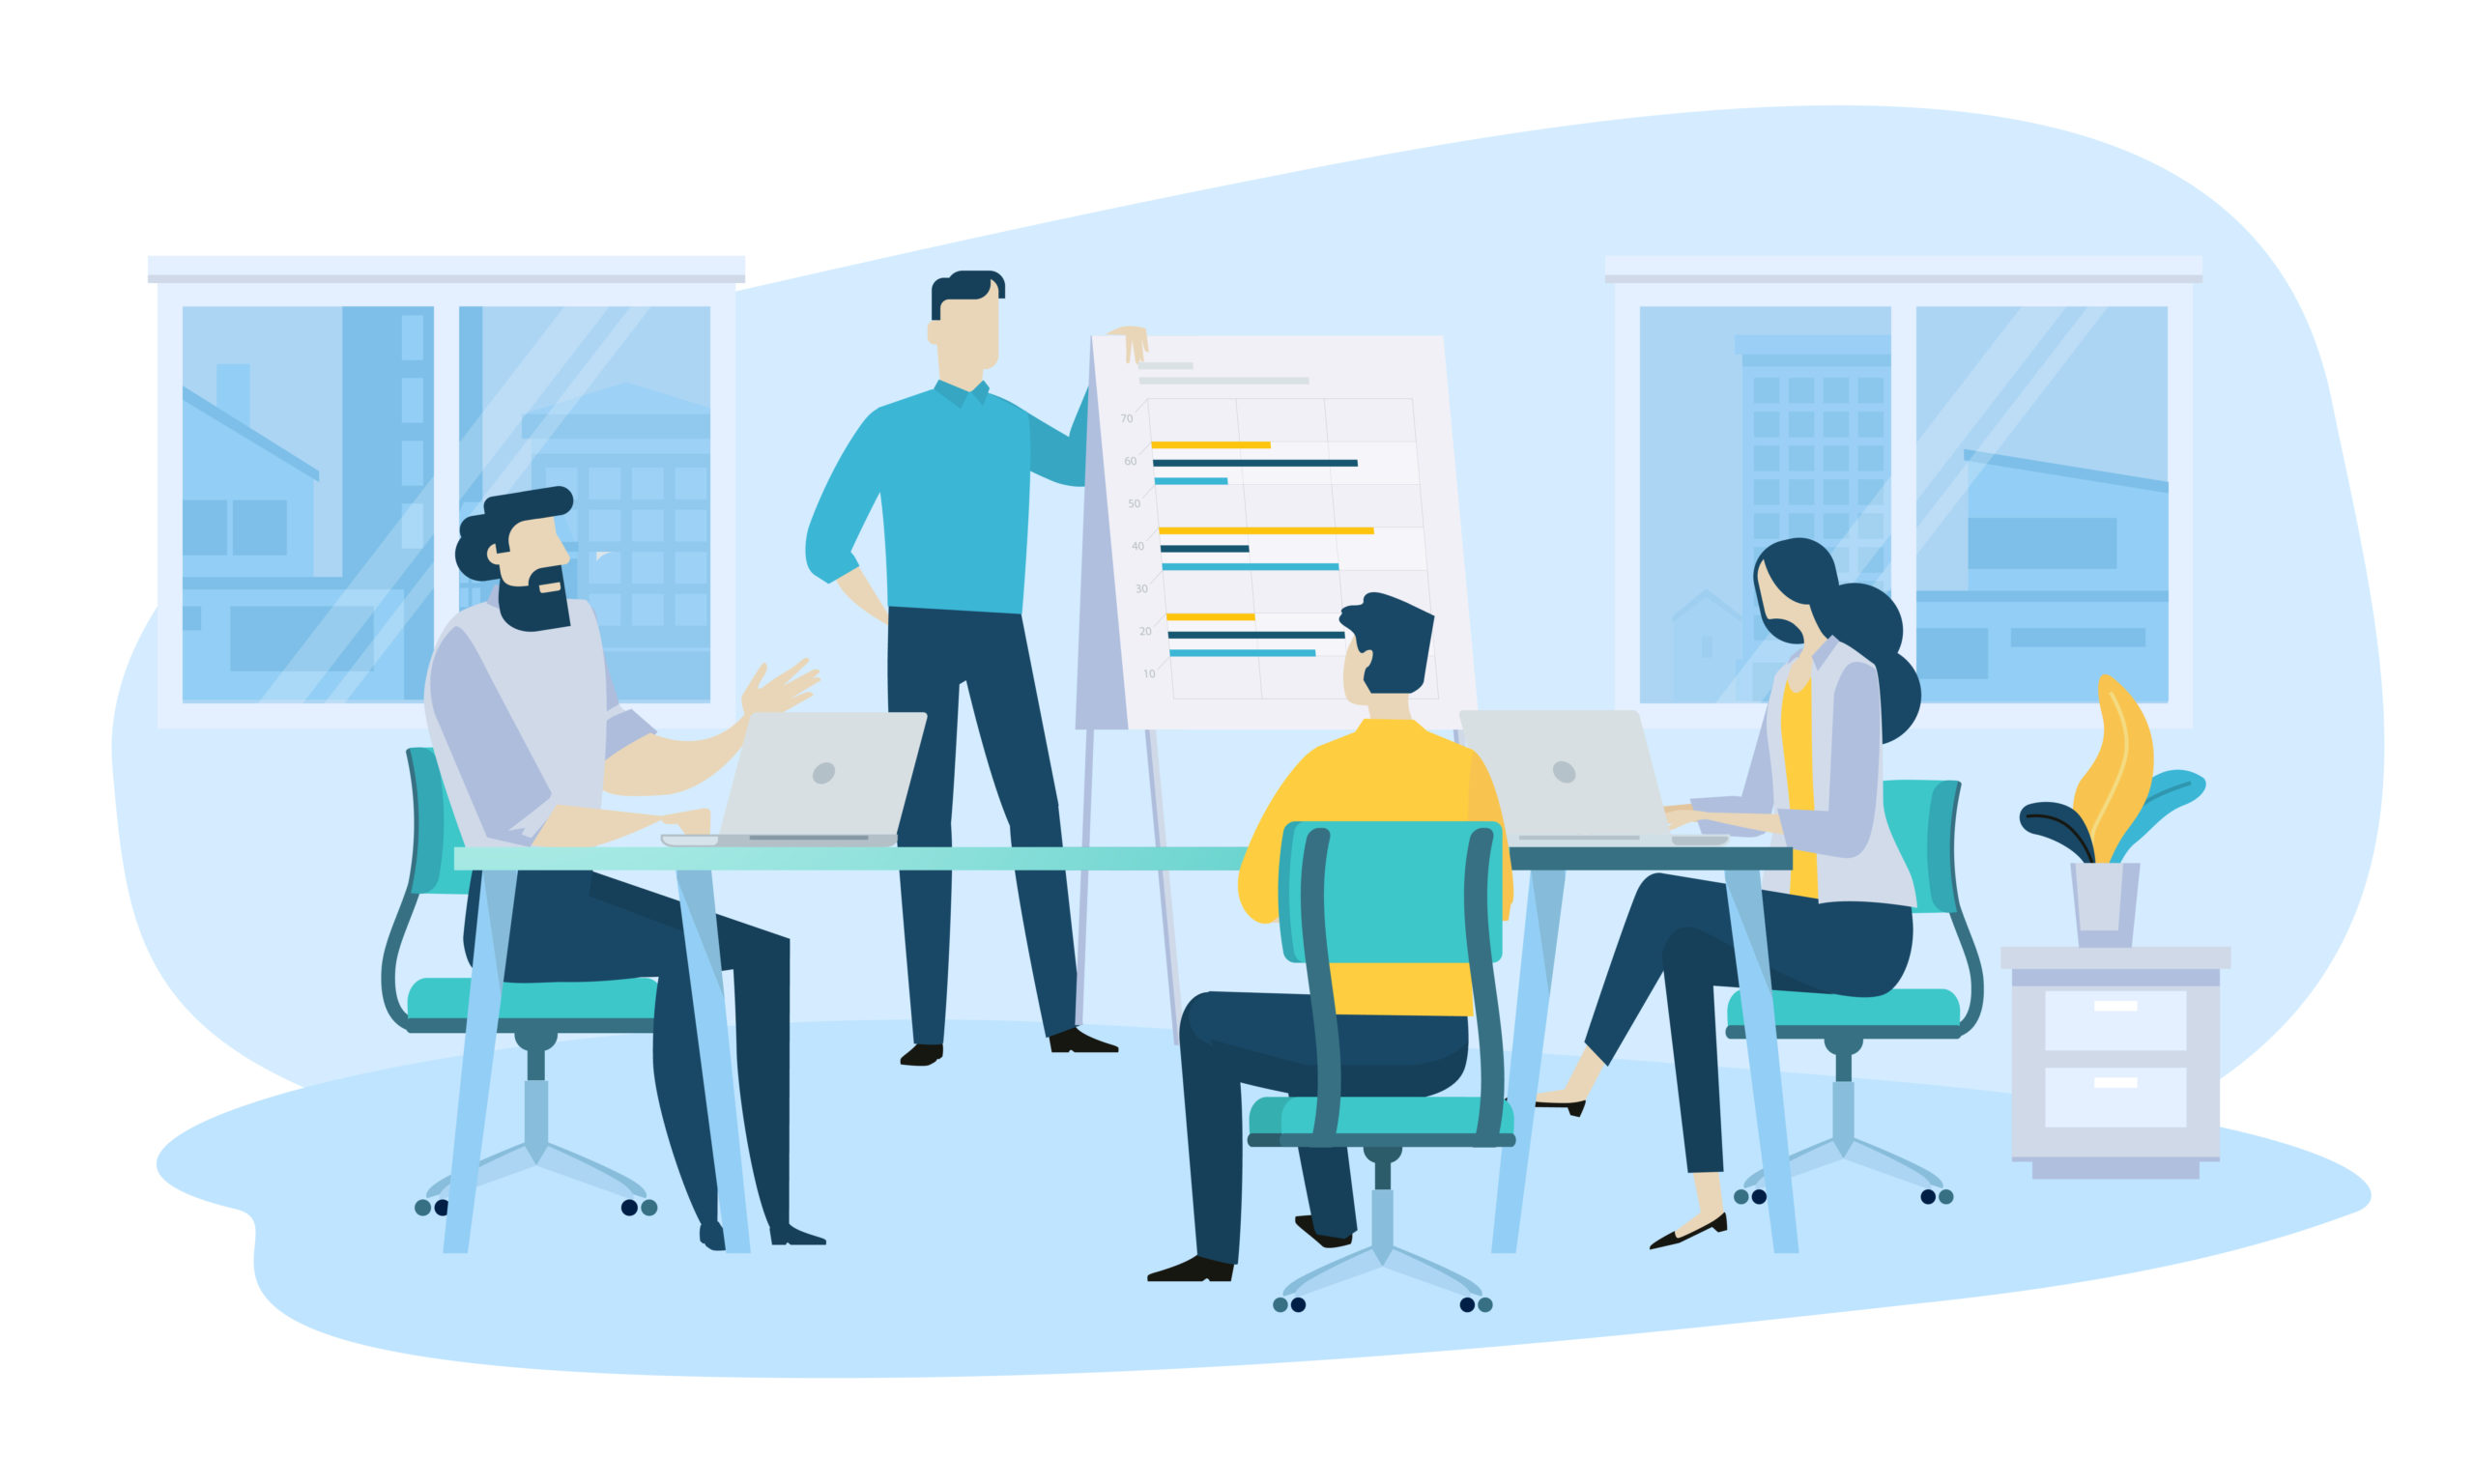 Przeznaczanie czasu pracy na wymianę wiedzy między pracownikami i wewnętrzne szkolenia